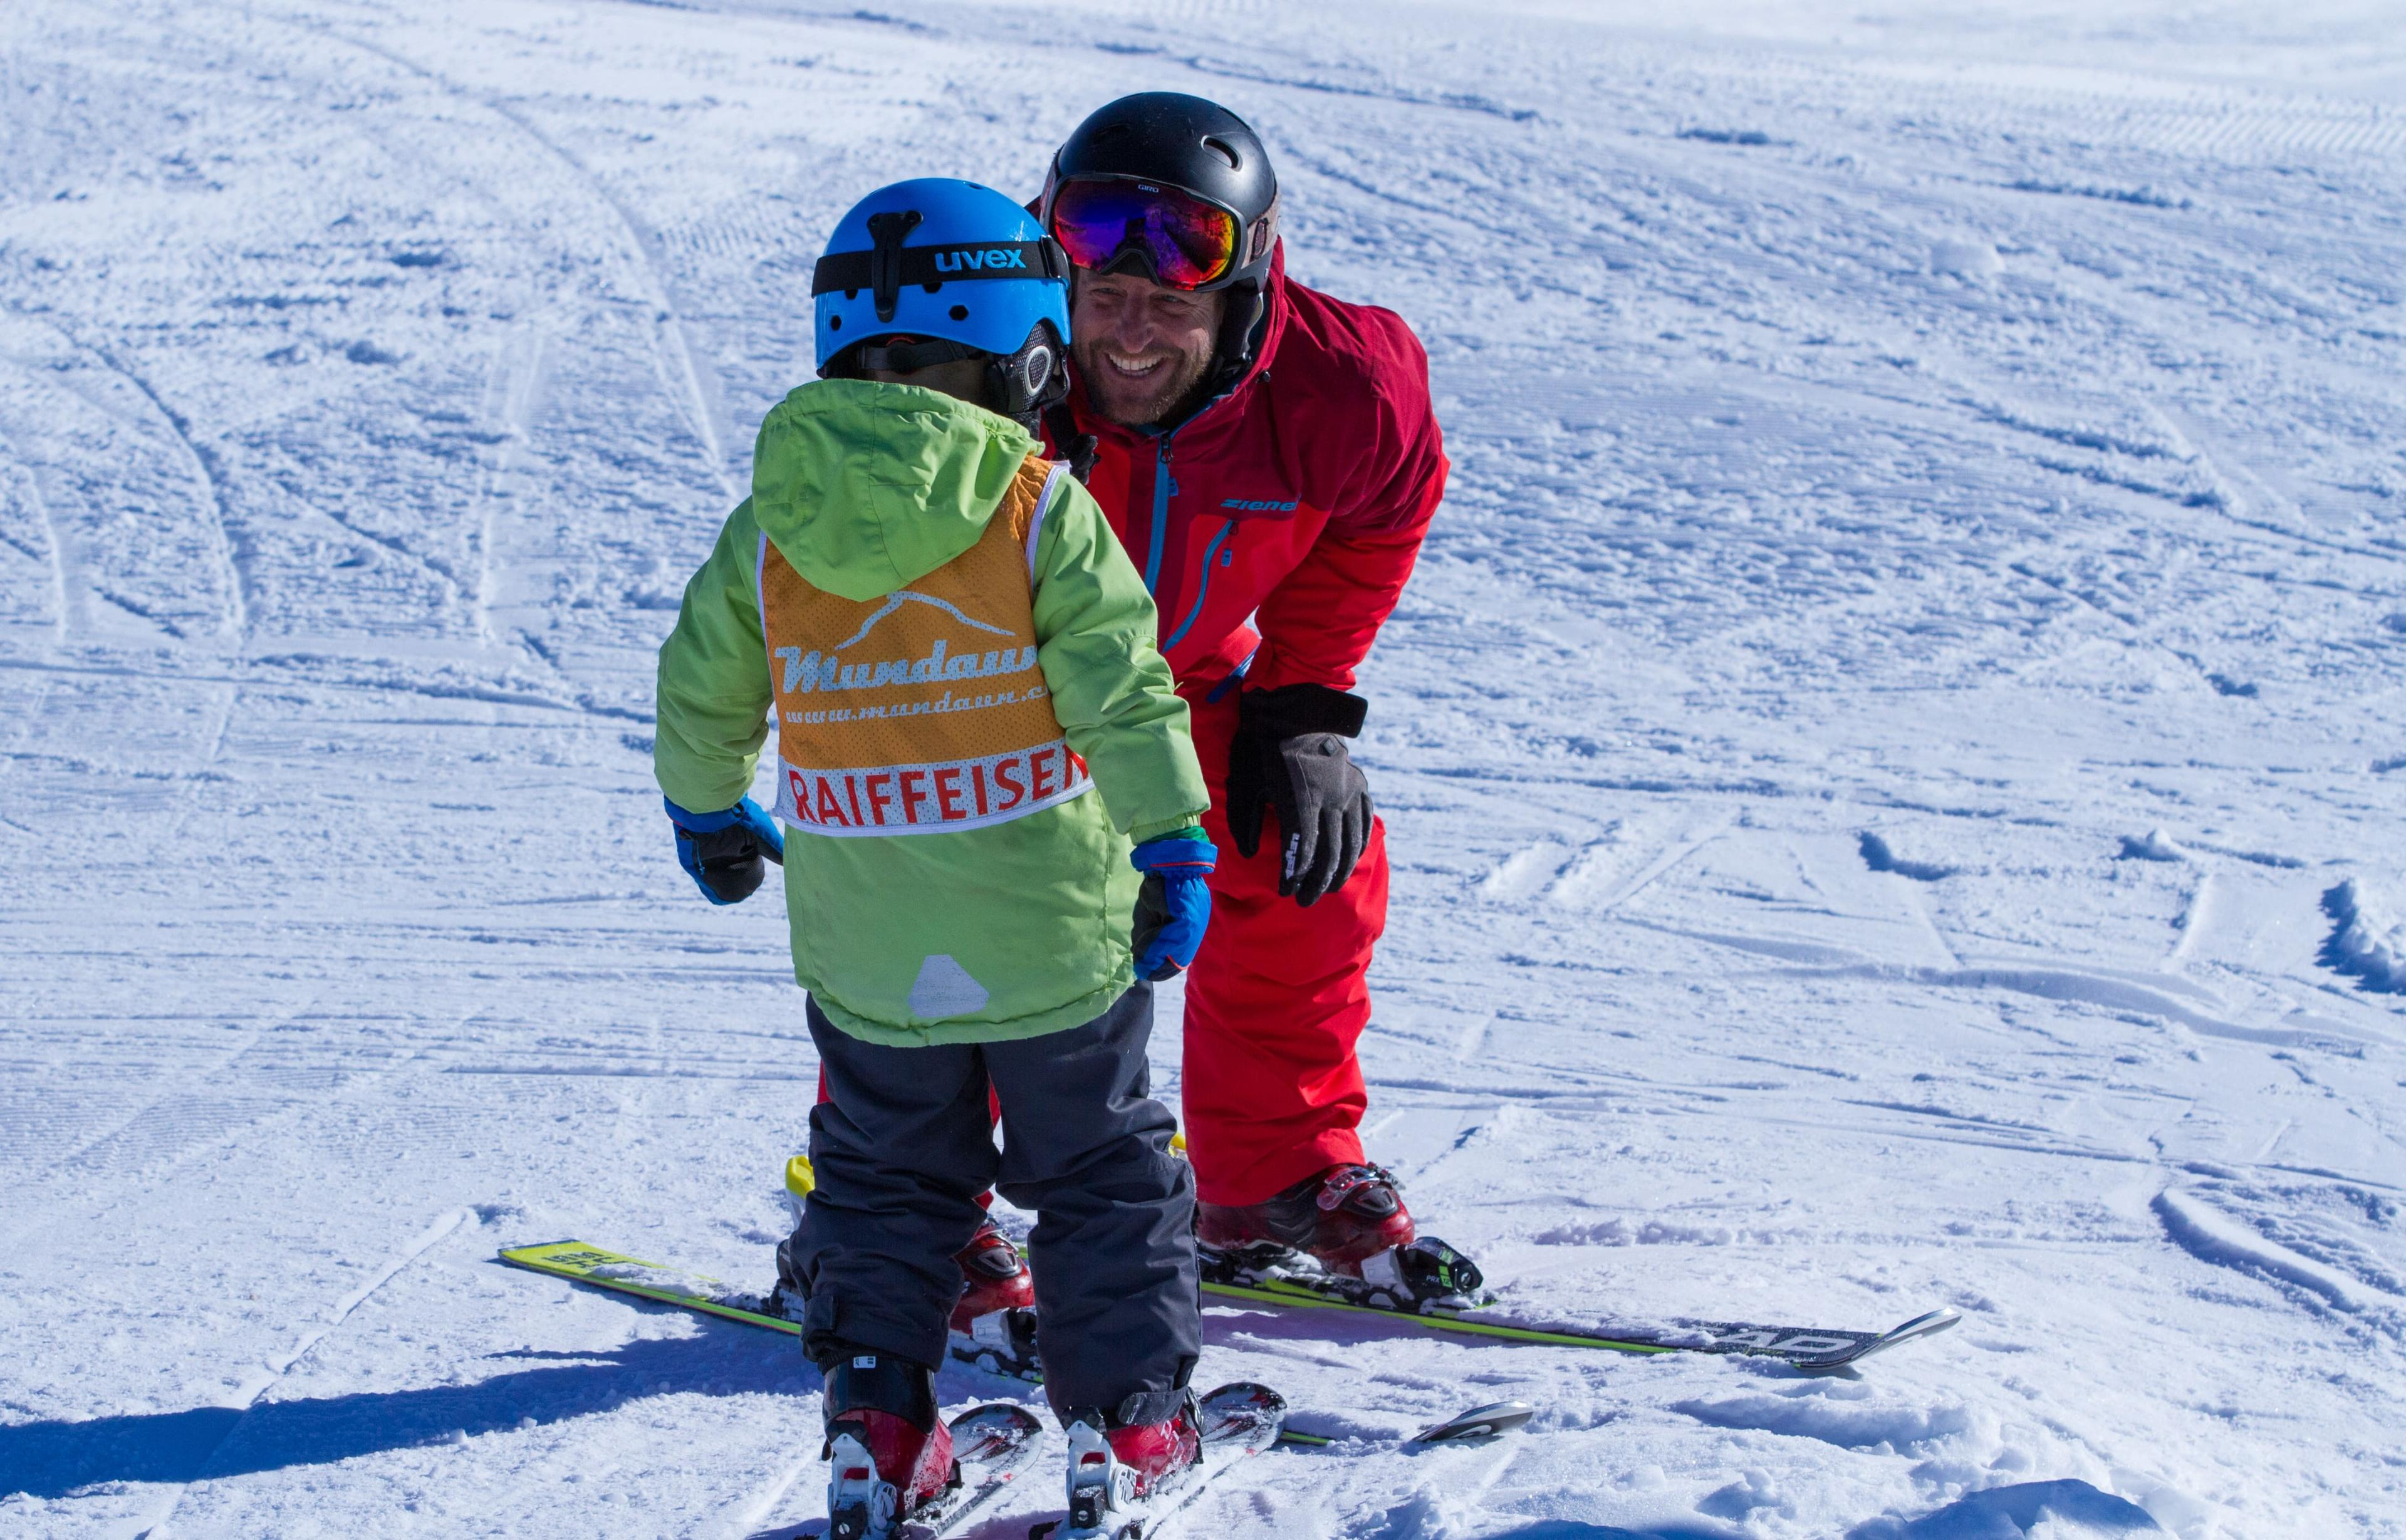 Cours de Ski pour Enfants (3 à 7 ans) - Demi-journée